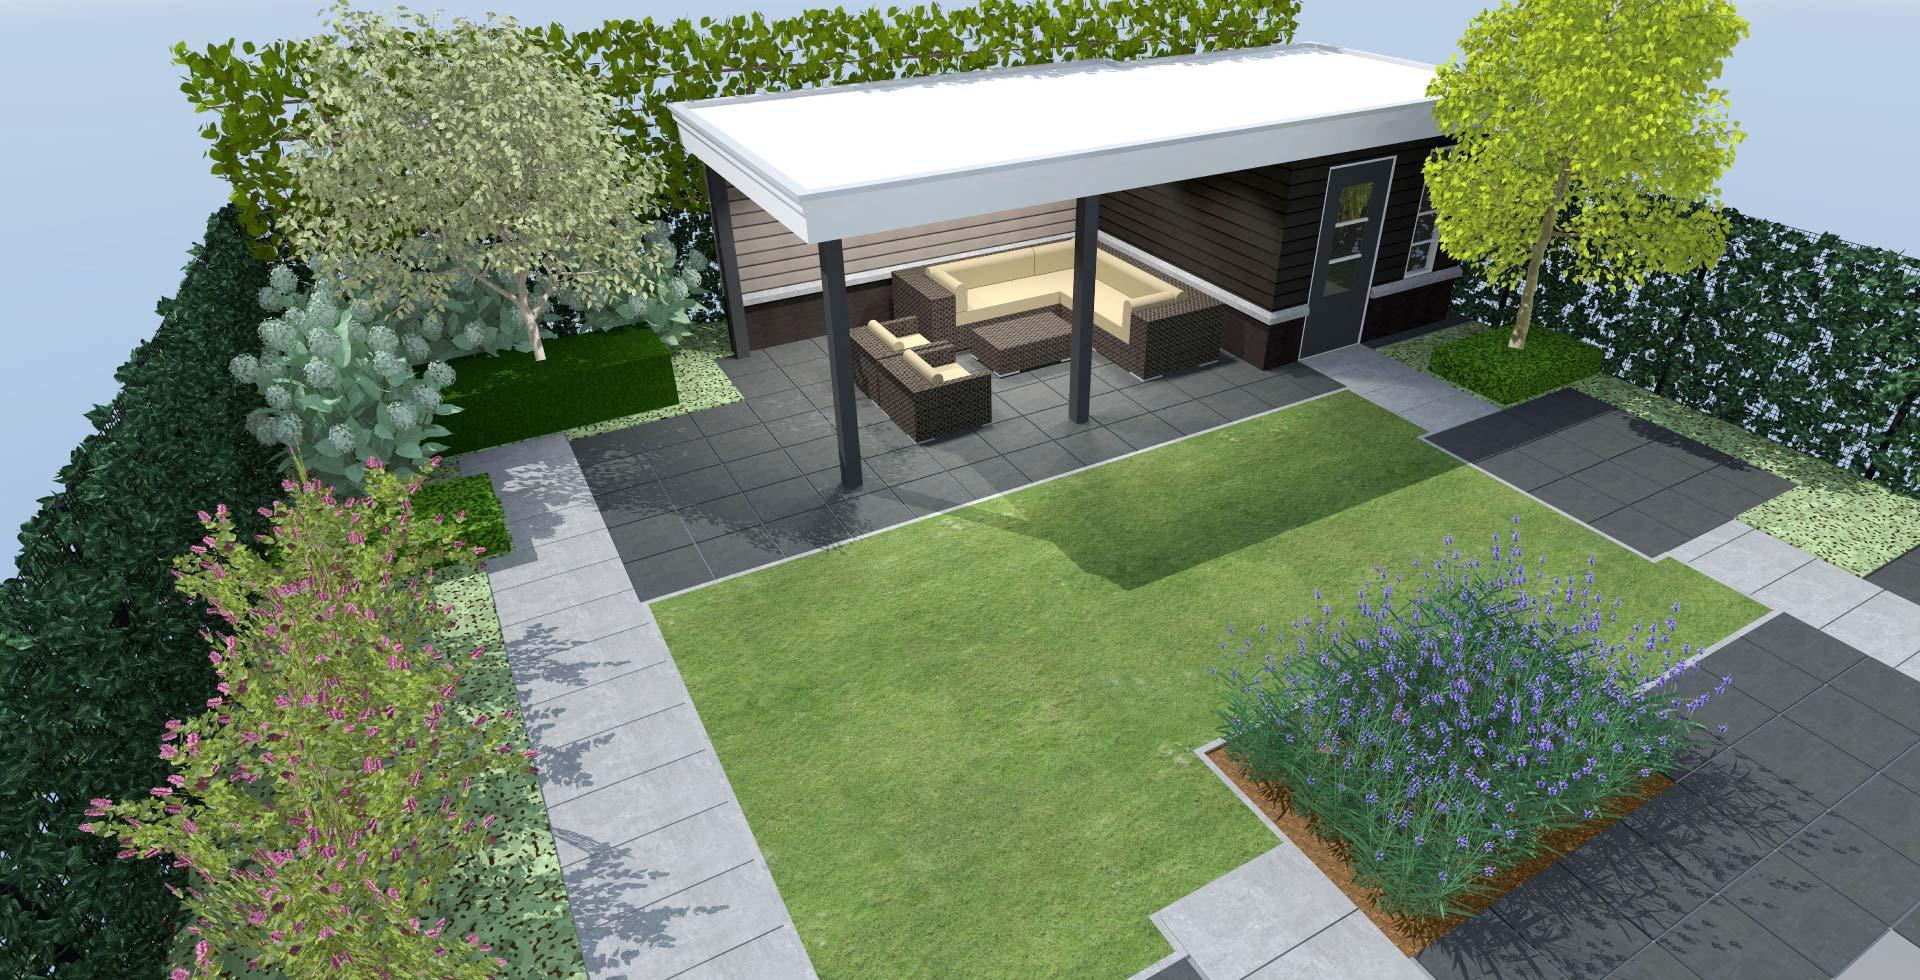 Hoveniersbedrijf bram bovenmars tuinen tuinontwerp for Tuin 3d ontwerpen